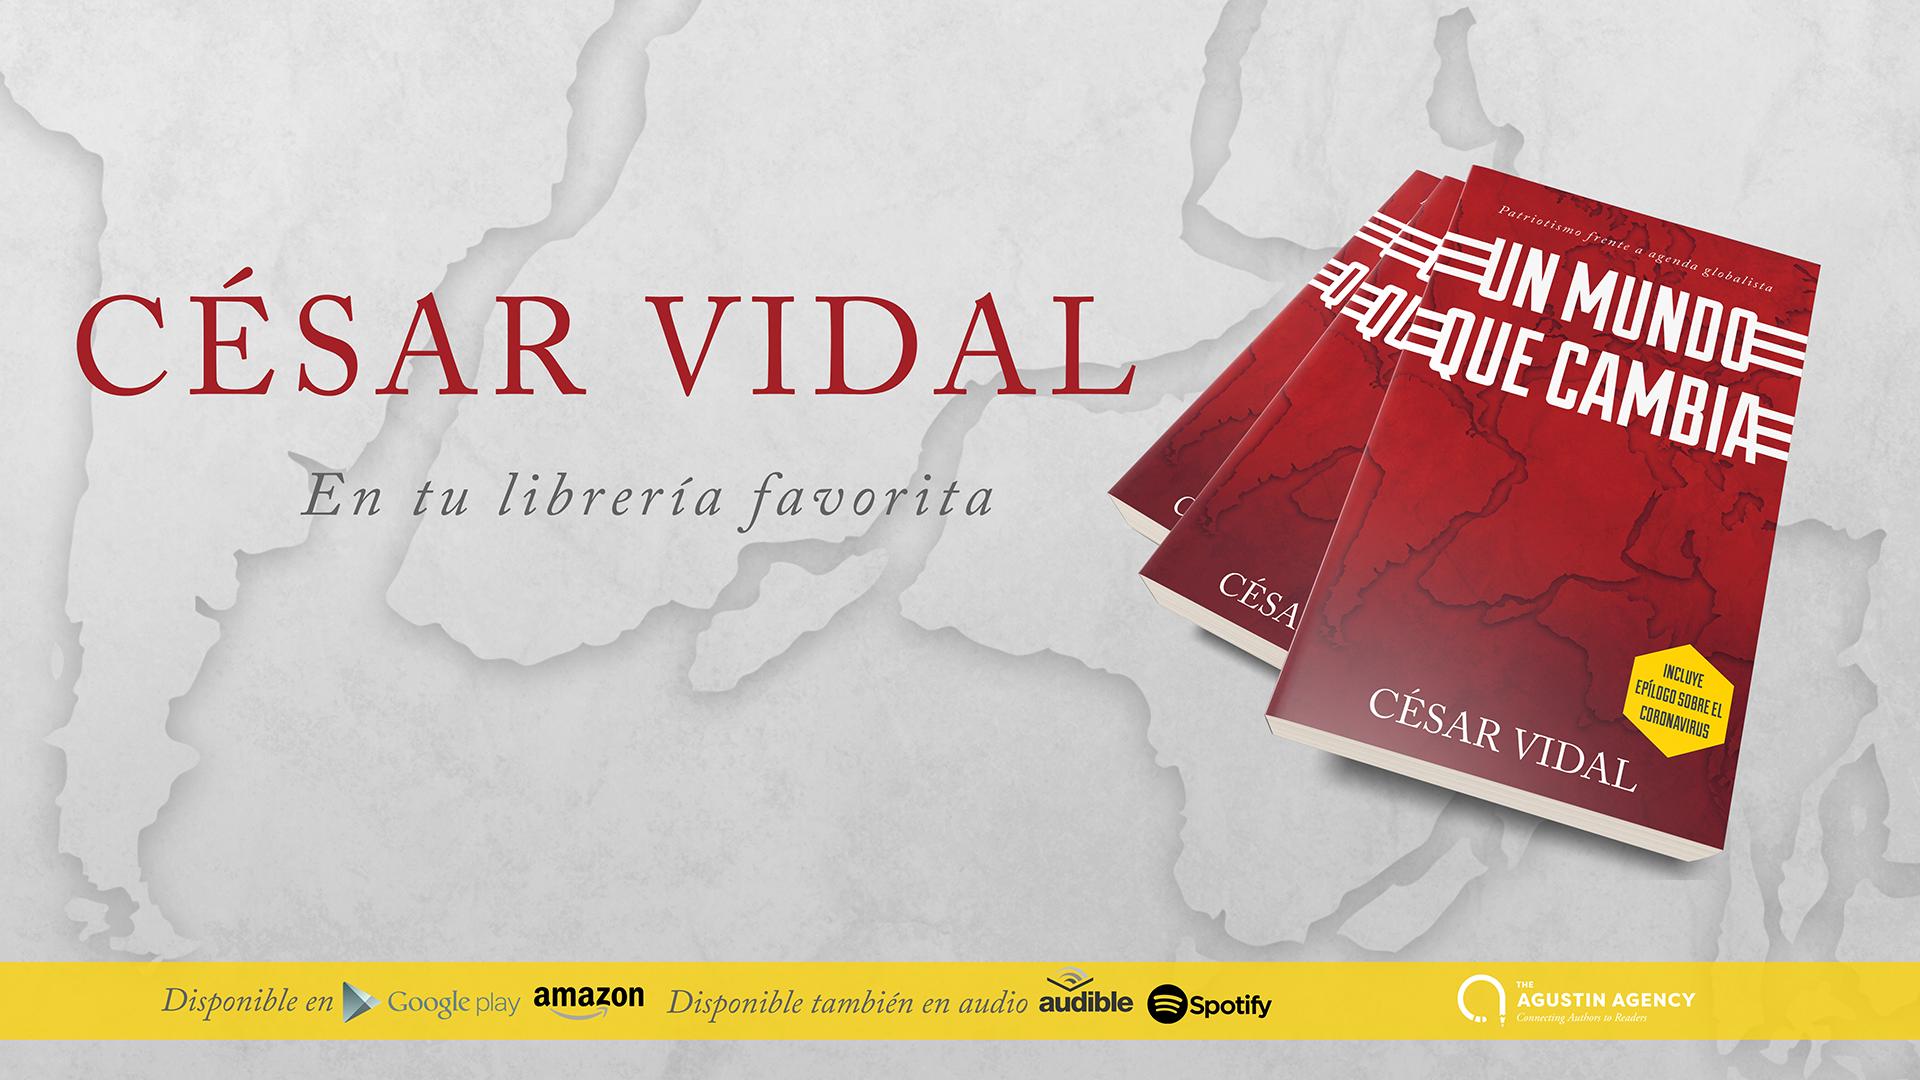 Compra ahora 'Un mundo que cambia' de César Vidal en tu librería favorita o en Amazon.